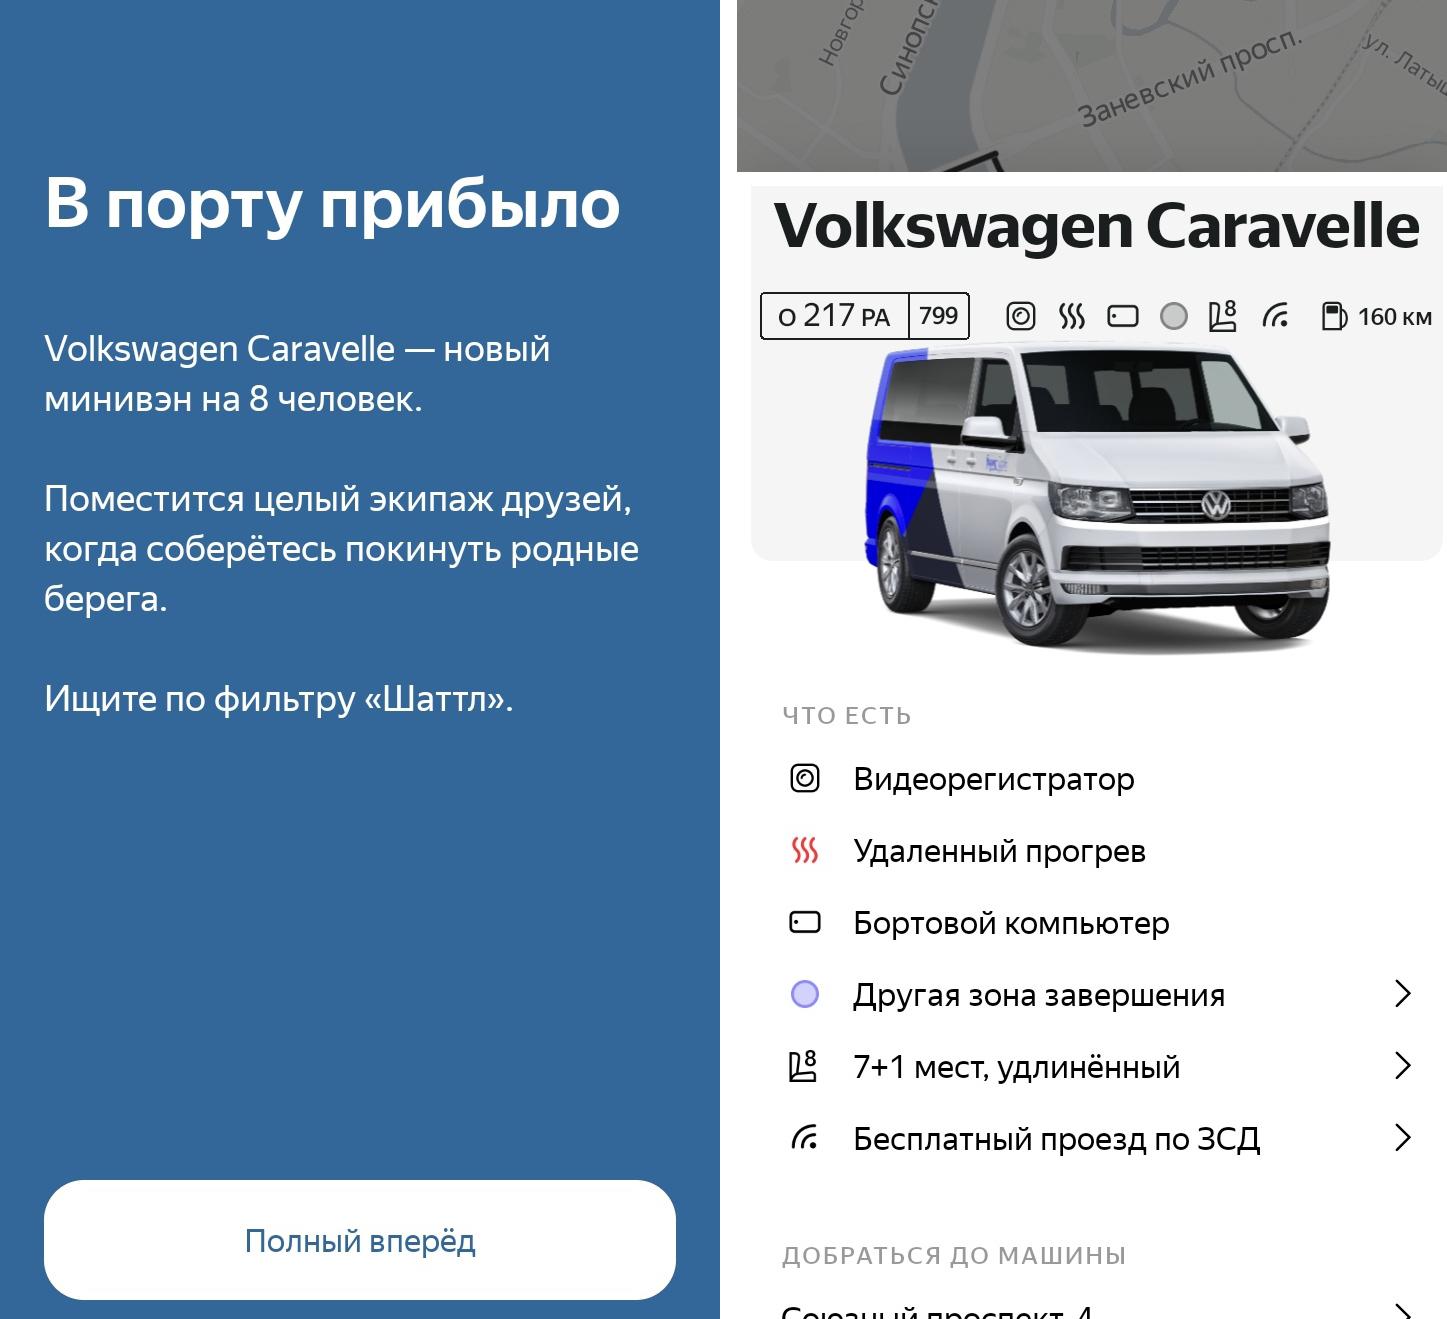 карта яндекс драйв в спб кредит наличными восточный экспресс банк онлайн заявка